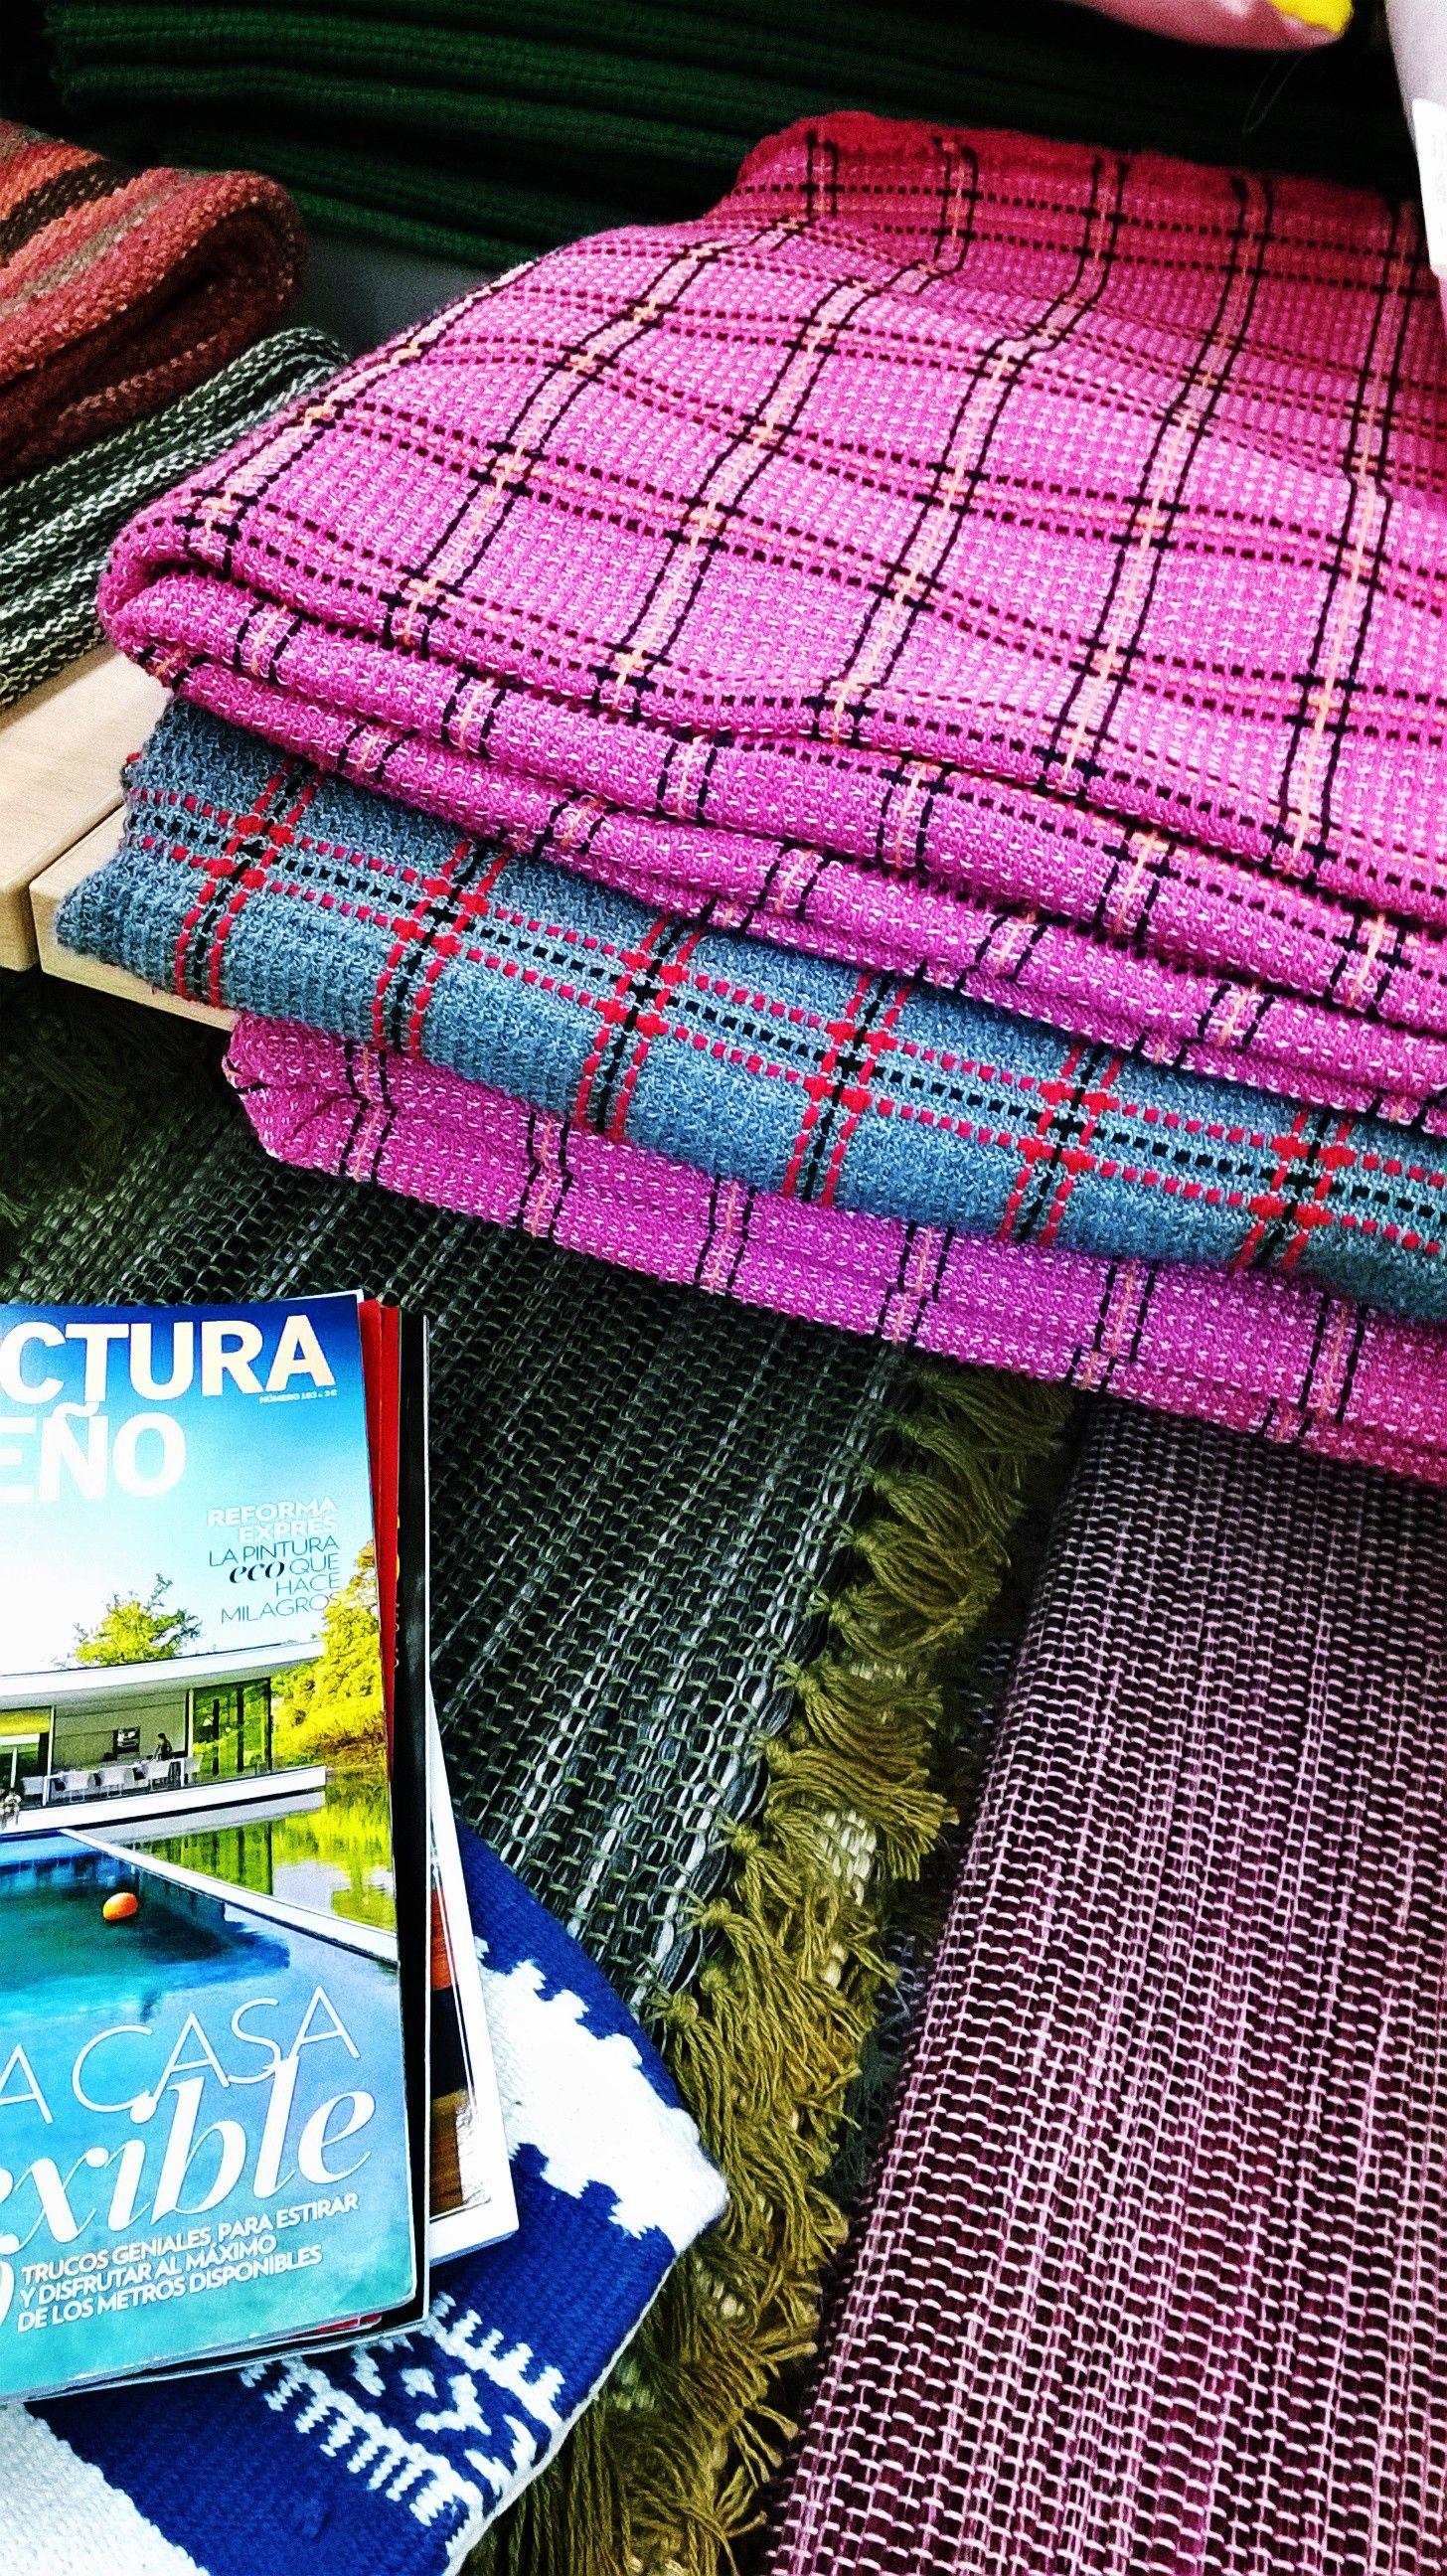 Rugs, blankets, pillows,... just can't get enough!  Tapetes, mantas, almofadas... nunca são demais!